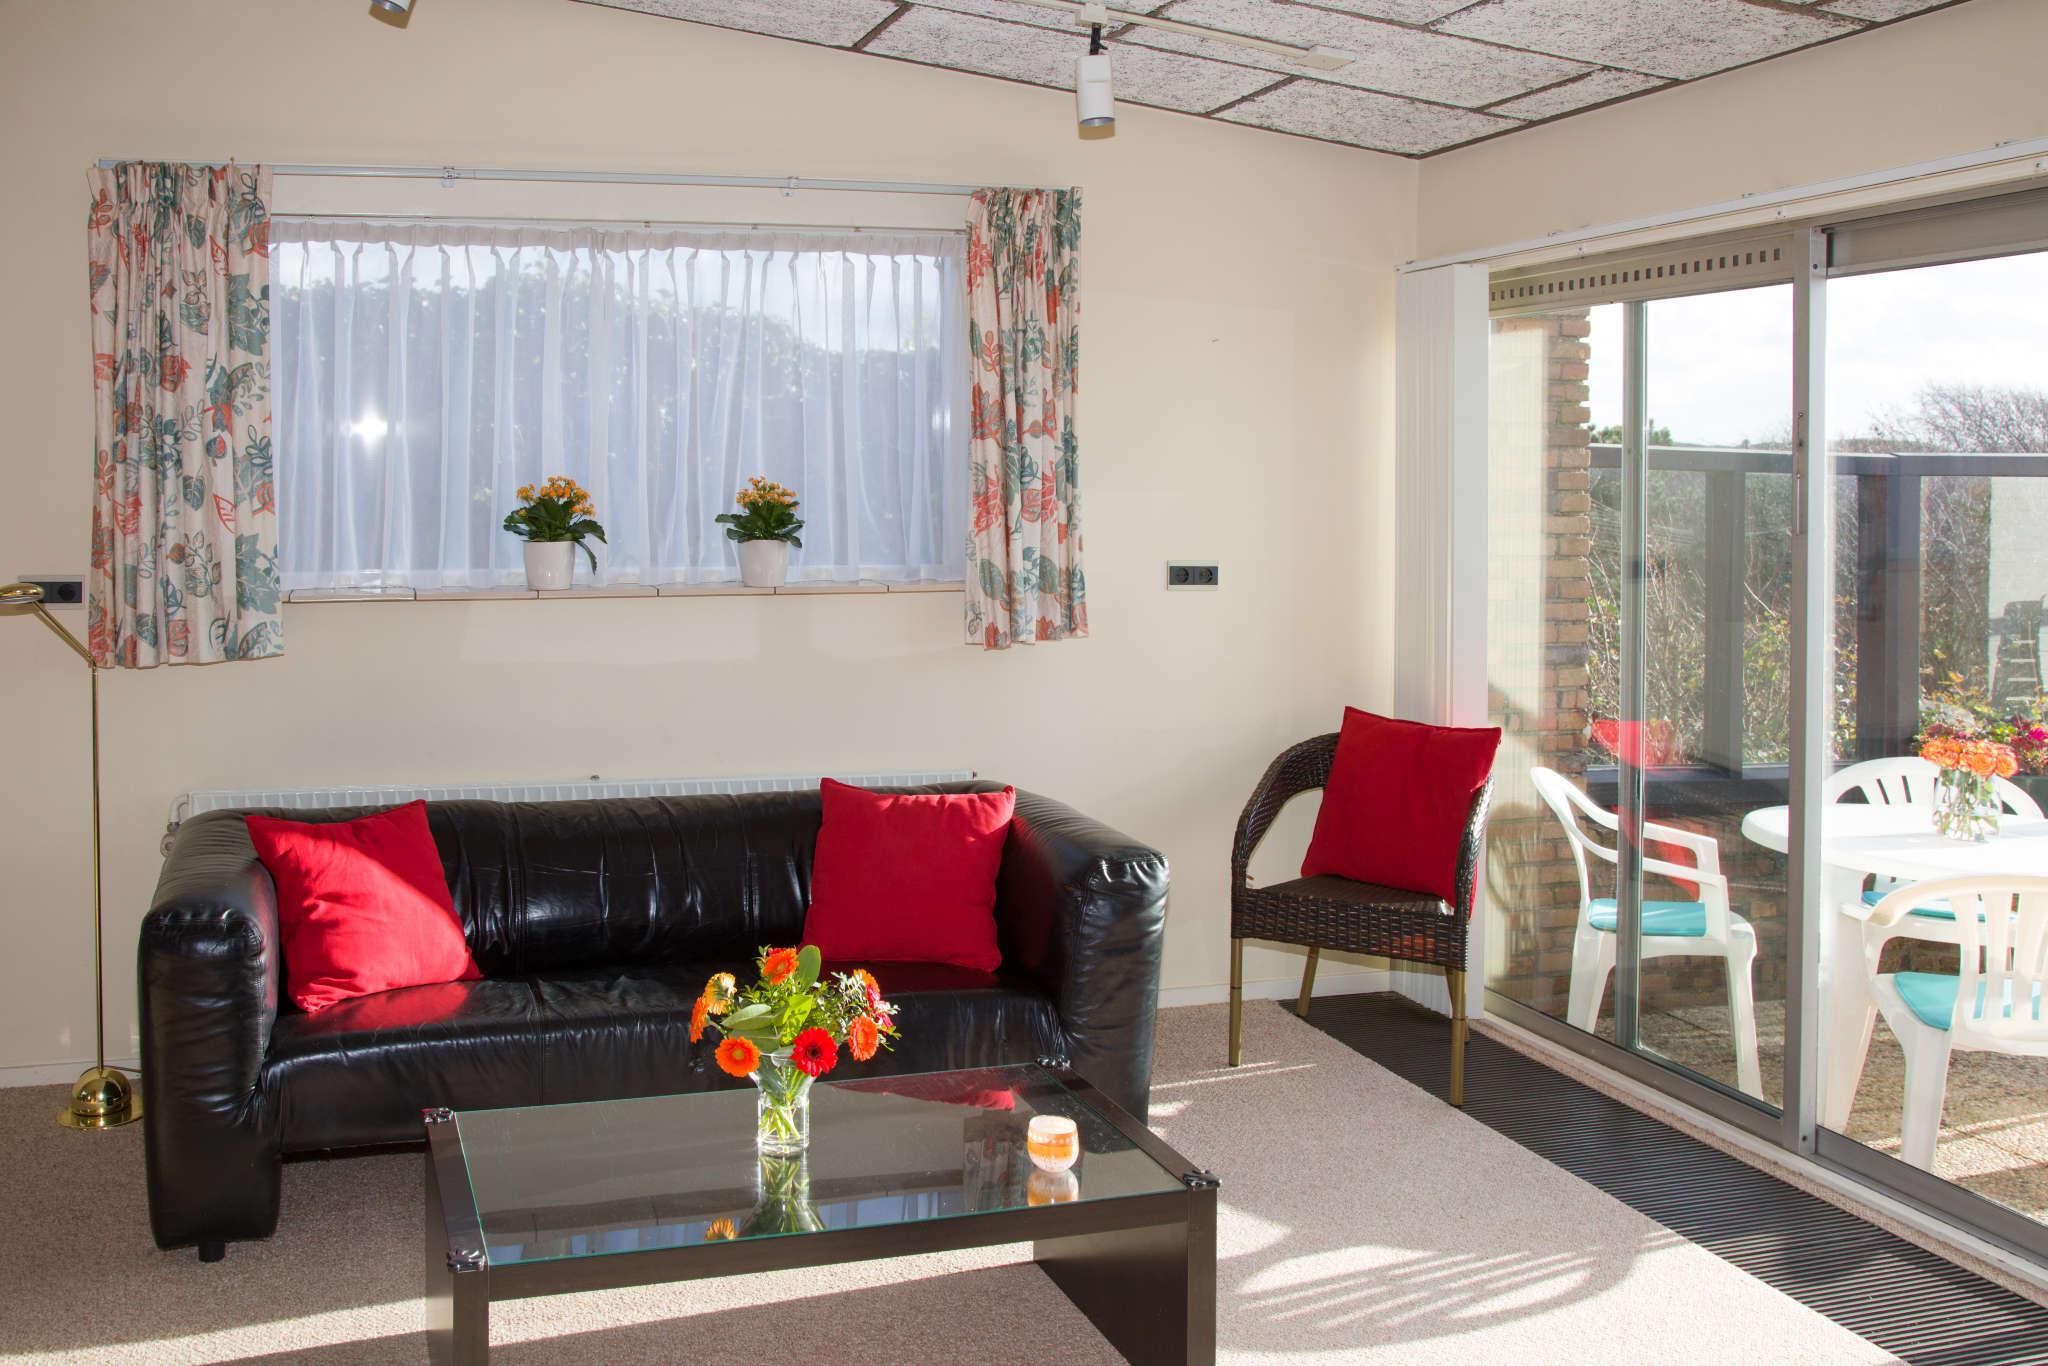 Wohnzimmer Blick uber terrasse u. dorf